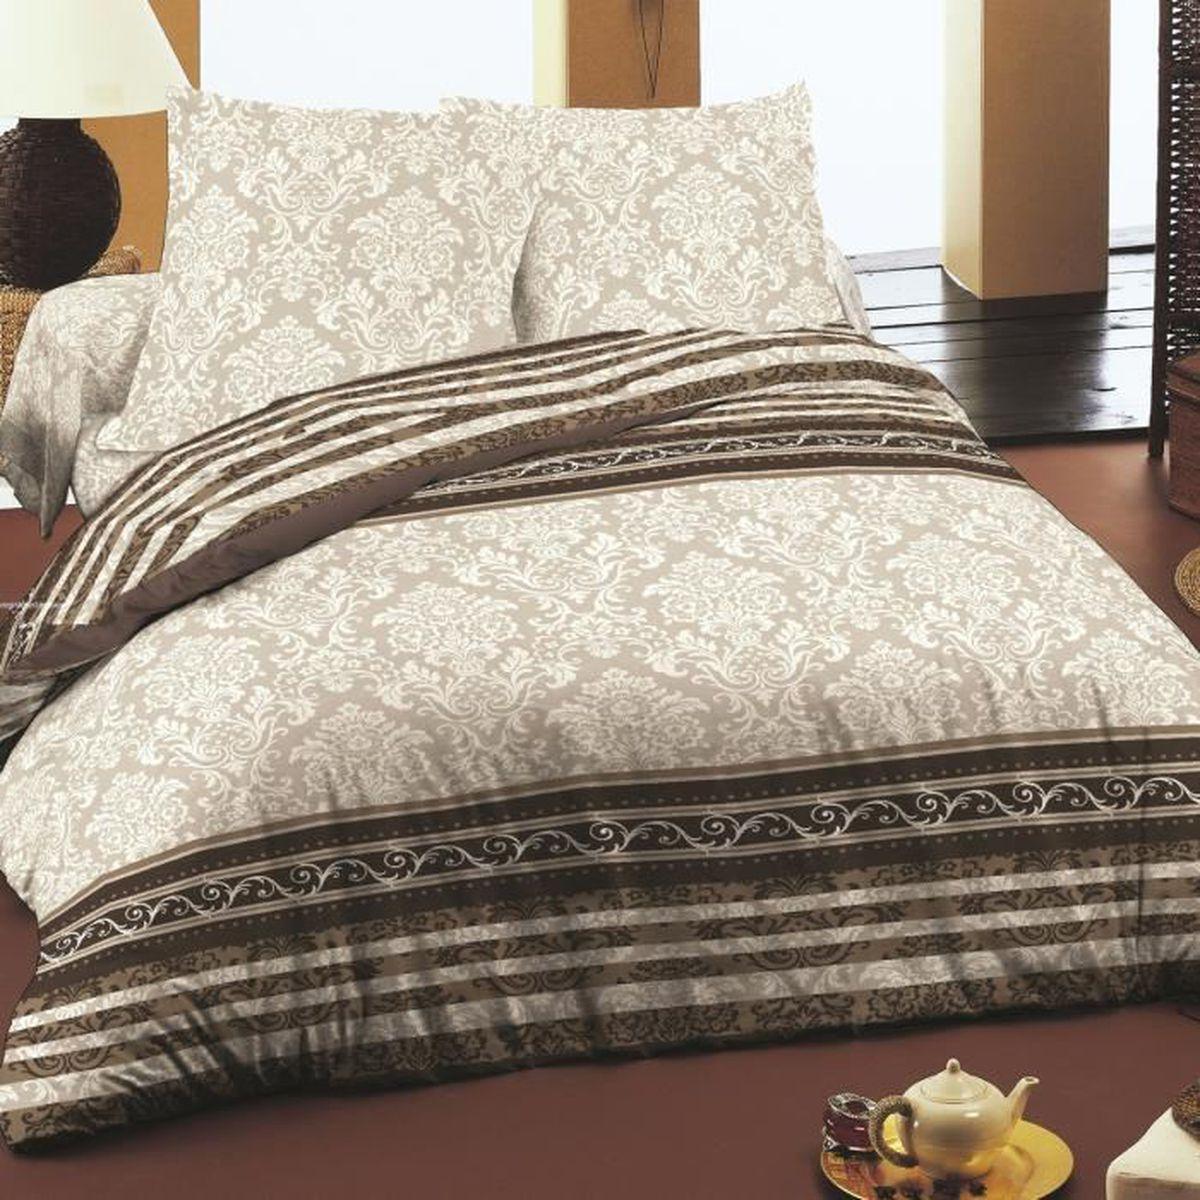 rococo soulbedroom 100 coton parure de lit housse de couette 200x200 cm 2 taies d 39 oreiller. Black Bedroom Furniture Sets. Home Design Ideas